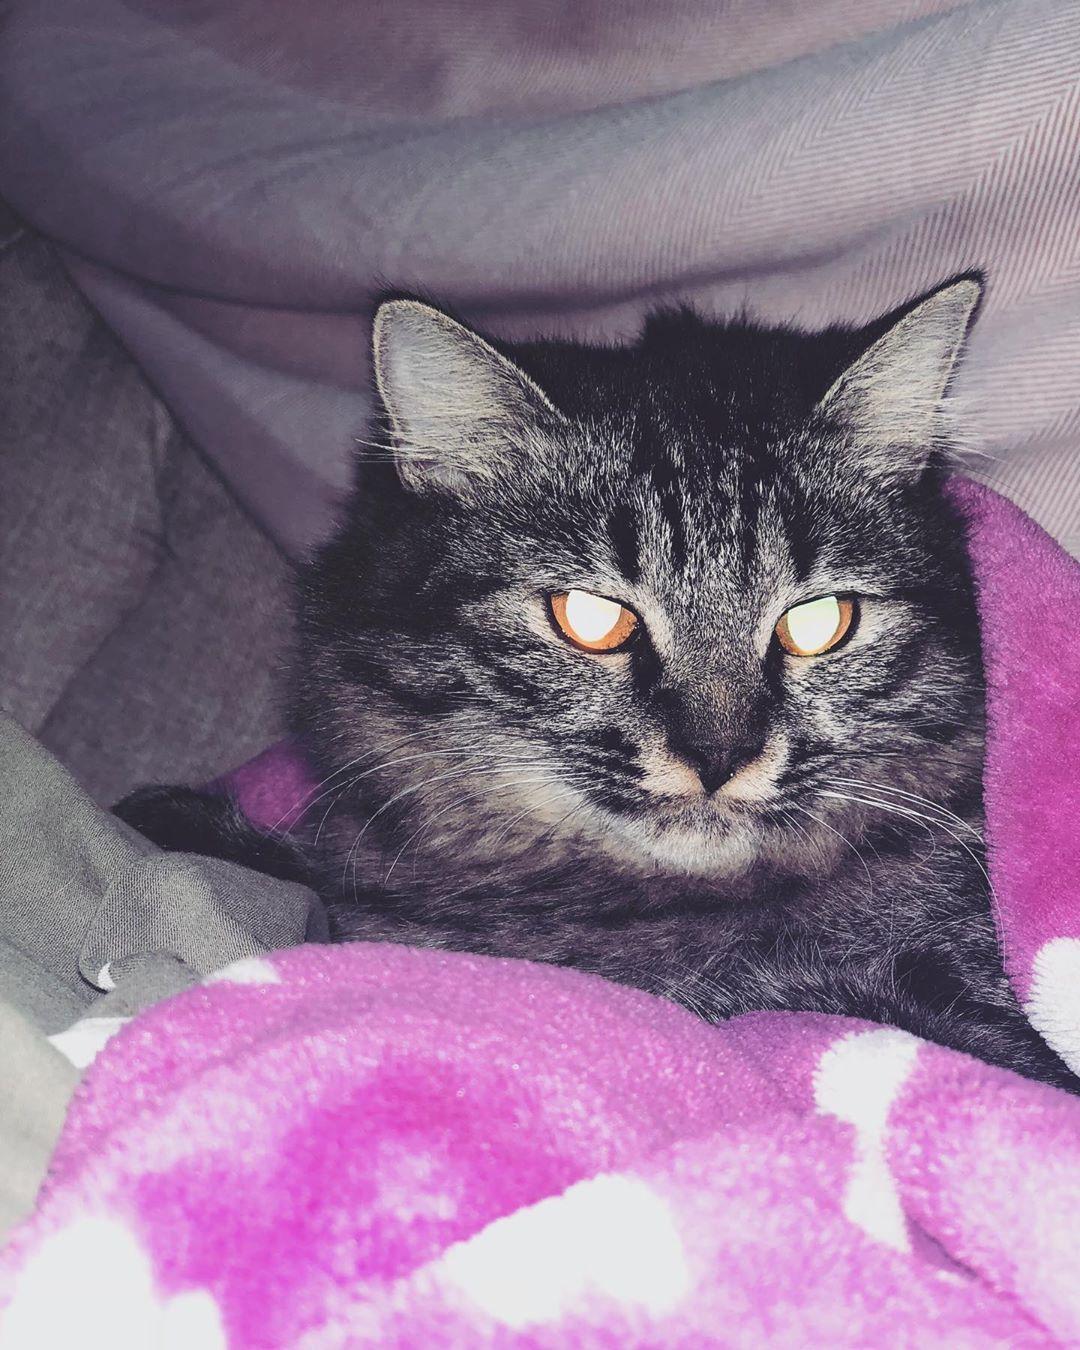 عيونها تخوف هنا كأنها معصبه Animals Cats